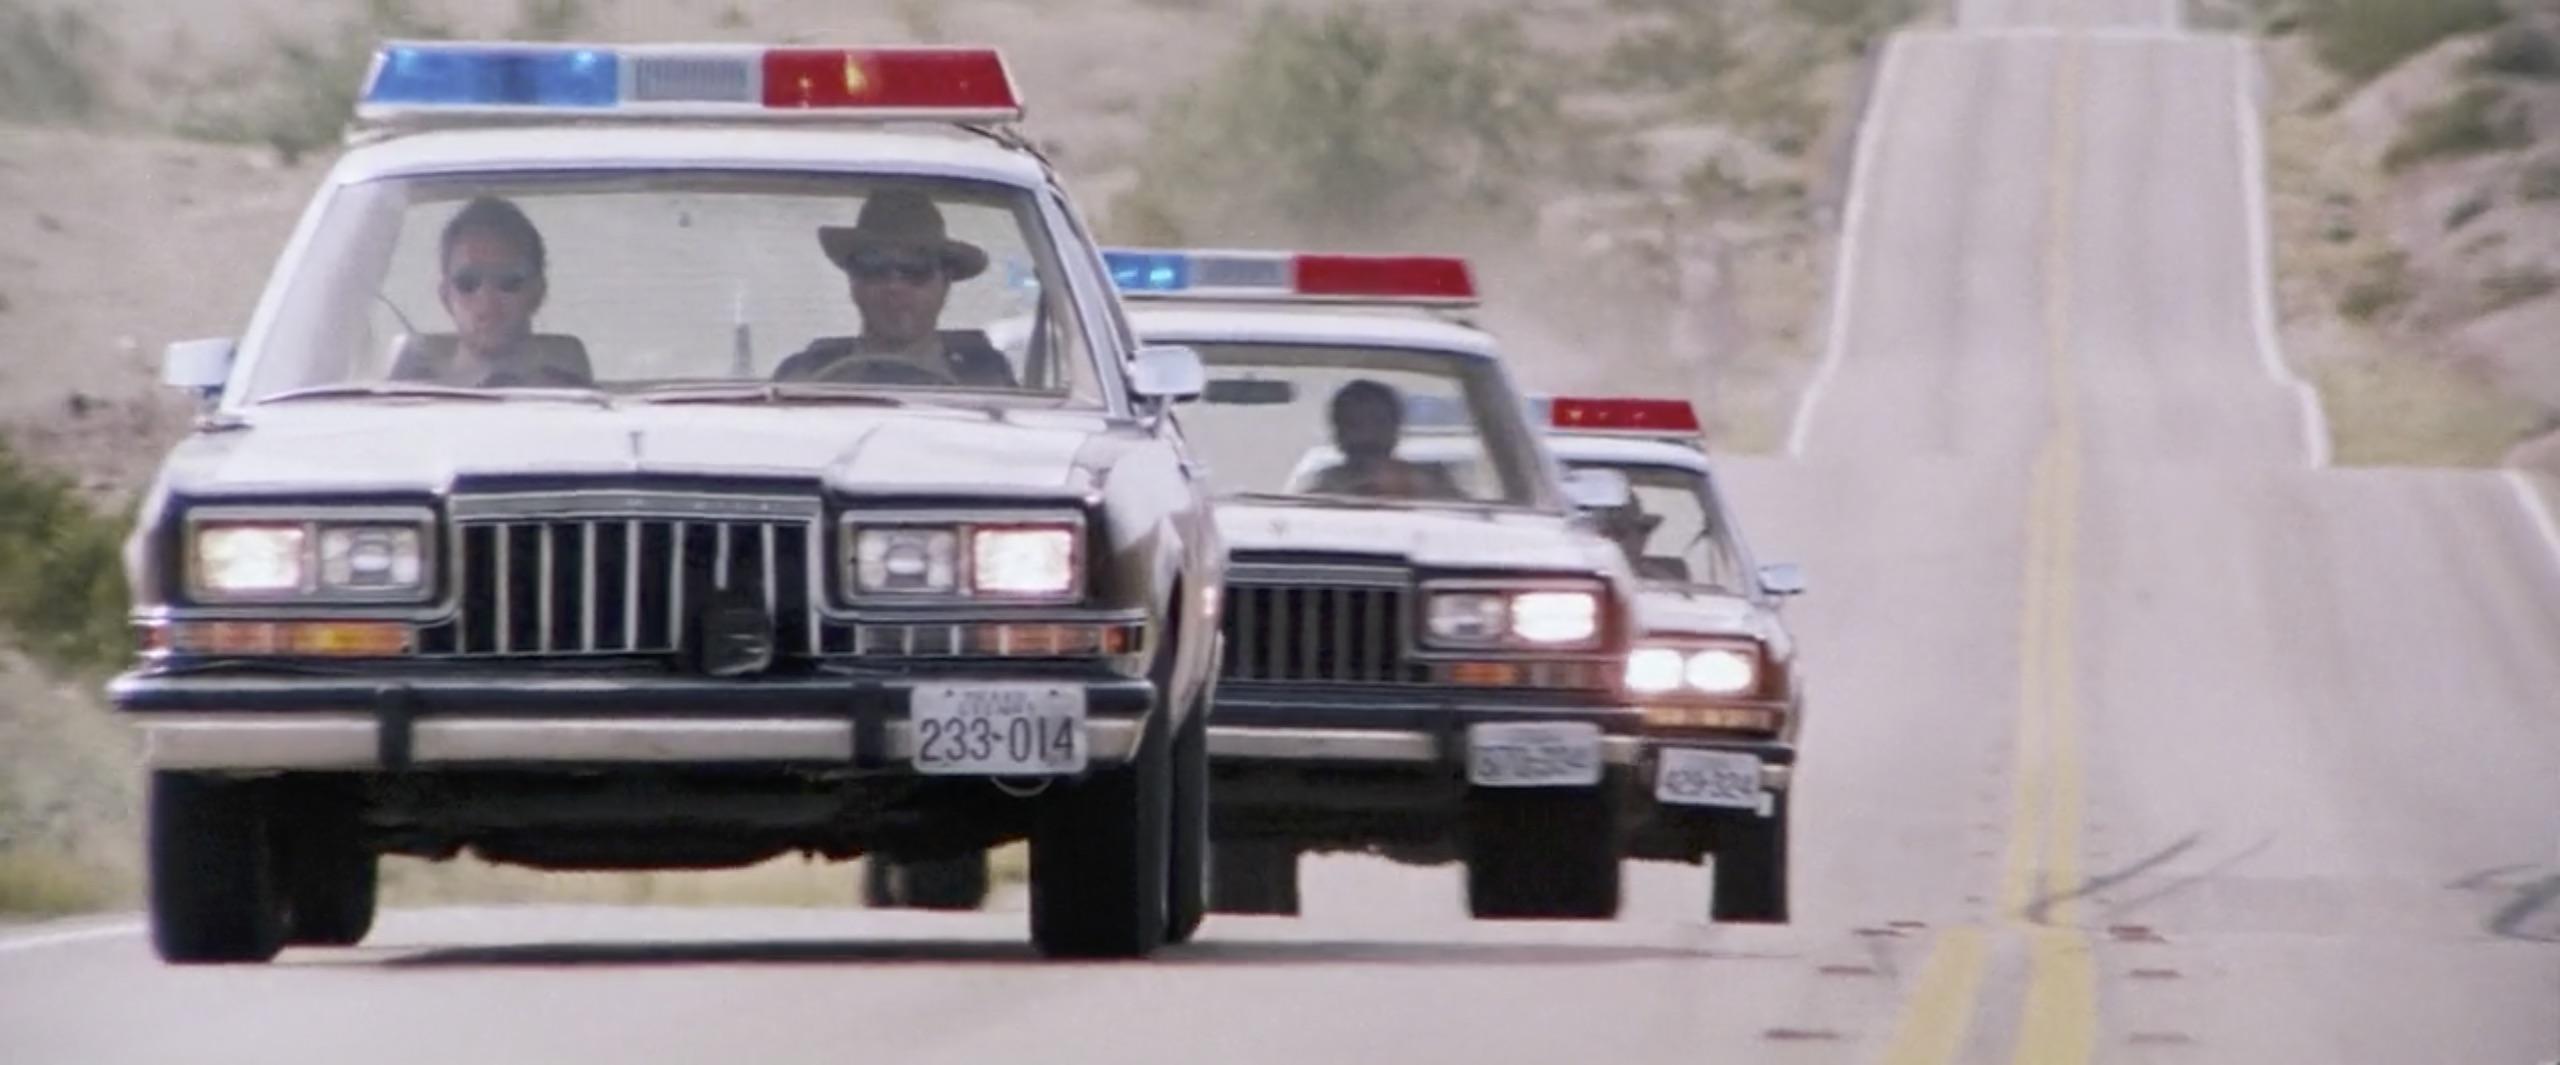 hitcher cops in pursuit